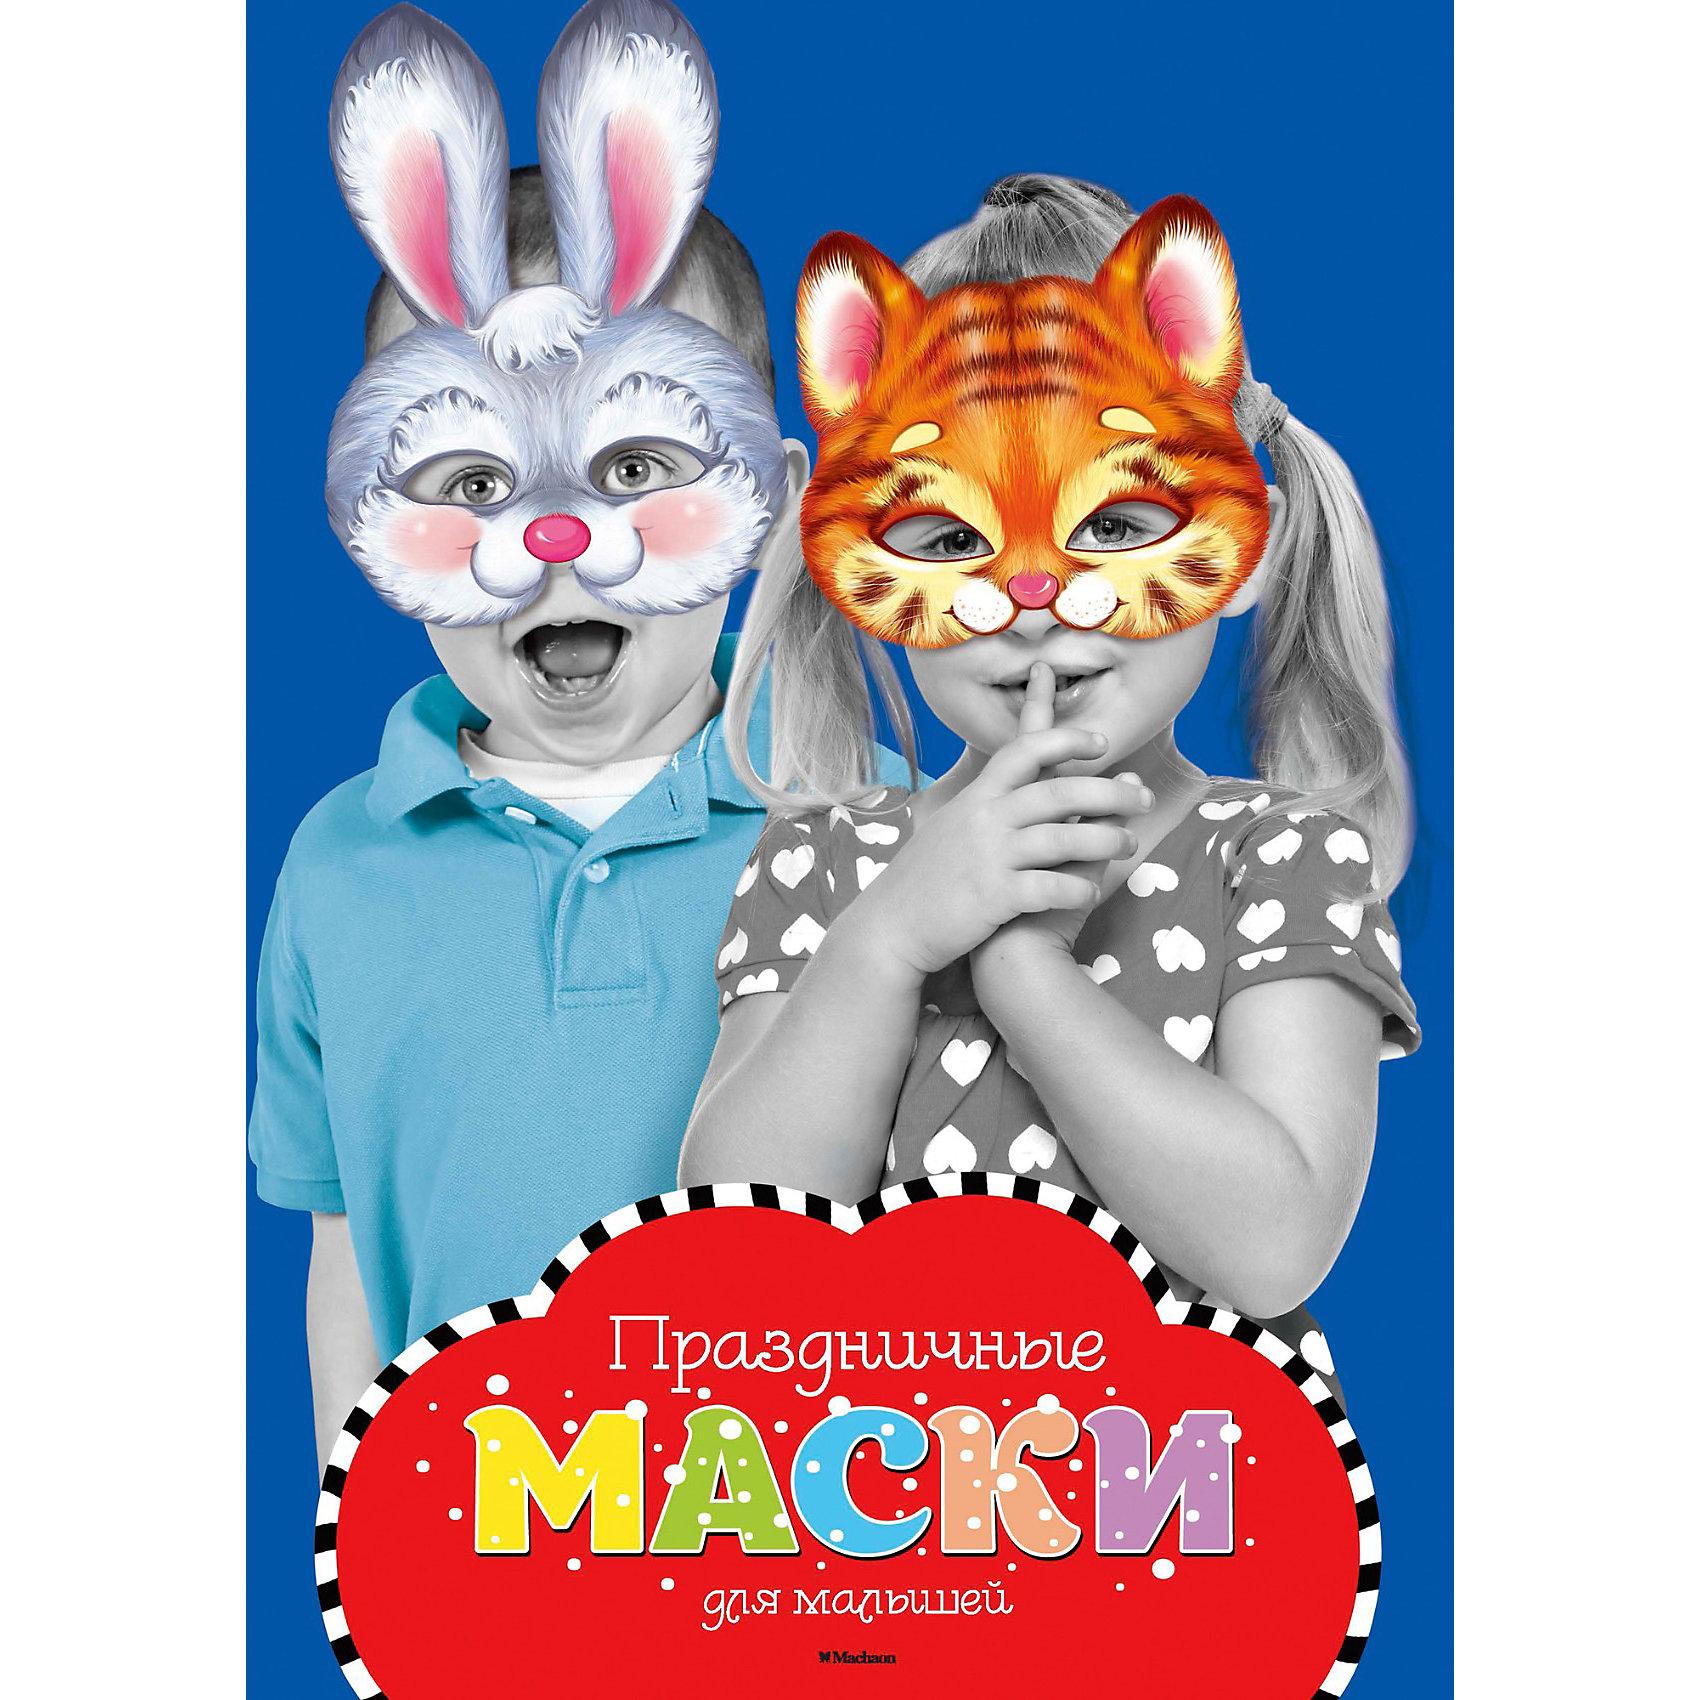 Книга с эскизами Праздничные маски для малышейПраздничные маски для малышей, Махаон  - это красочное издание поможет Вам изготовить чудесную маску для детского праздника. В книге представлены маски забавных зверюшек: зайчика, кошечки и собачки. Изготовление маски не представляет больших трудностей: нужно лишь вырезать понравившуюся маску по контуру, сделать отверстия для глаз и креплений и вставить ленты или резиночки. Маски выполнены из плотного картона высокого качества.<br><br> Дополнительная информация:<br><br>- Художник: Т. Баринова.<br>- Серия: Новогодние маски.<br>- Переплет: мягкая обложка.<br>- Иллюстрации: цветные.<br>- Объем: 8 стр. (картон).<br>- Размер: 28,5 x 21 x 0,2 см.<br>- Вес: 88 гр.<br><br>Книгу Праздничные маски для малышей, Махаон можно купить в нашем интернет-магазине.<br><br>Ширина мм: 285<br>Глубина мм: 210<br>Высота мм: 3<br>Вес г: 94<br>Возраст от месяцев: 84<br>Возраст до месяцев: 120<br>Пол: Унисекс<br>Возраст: Детский<br>SKU: 3869023